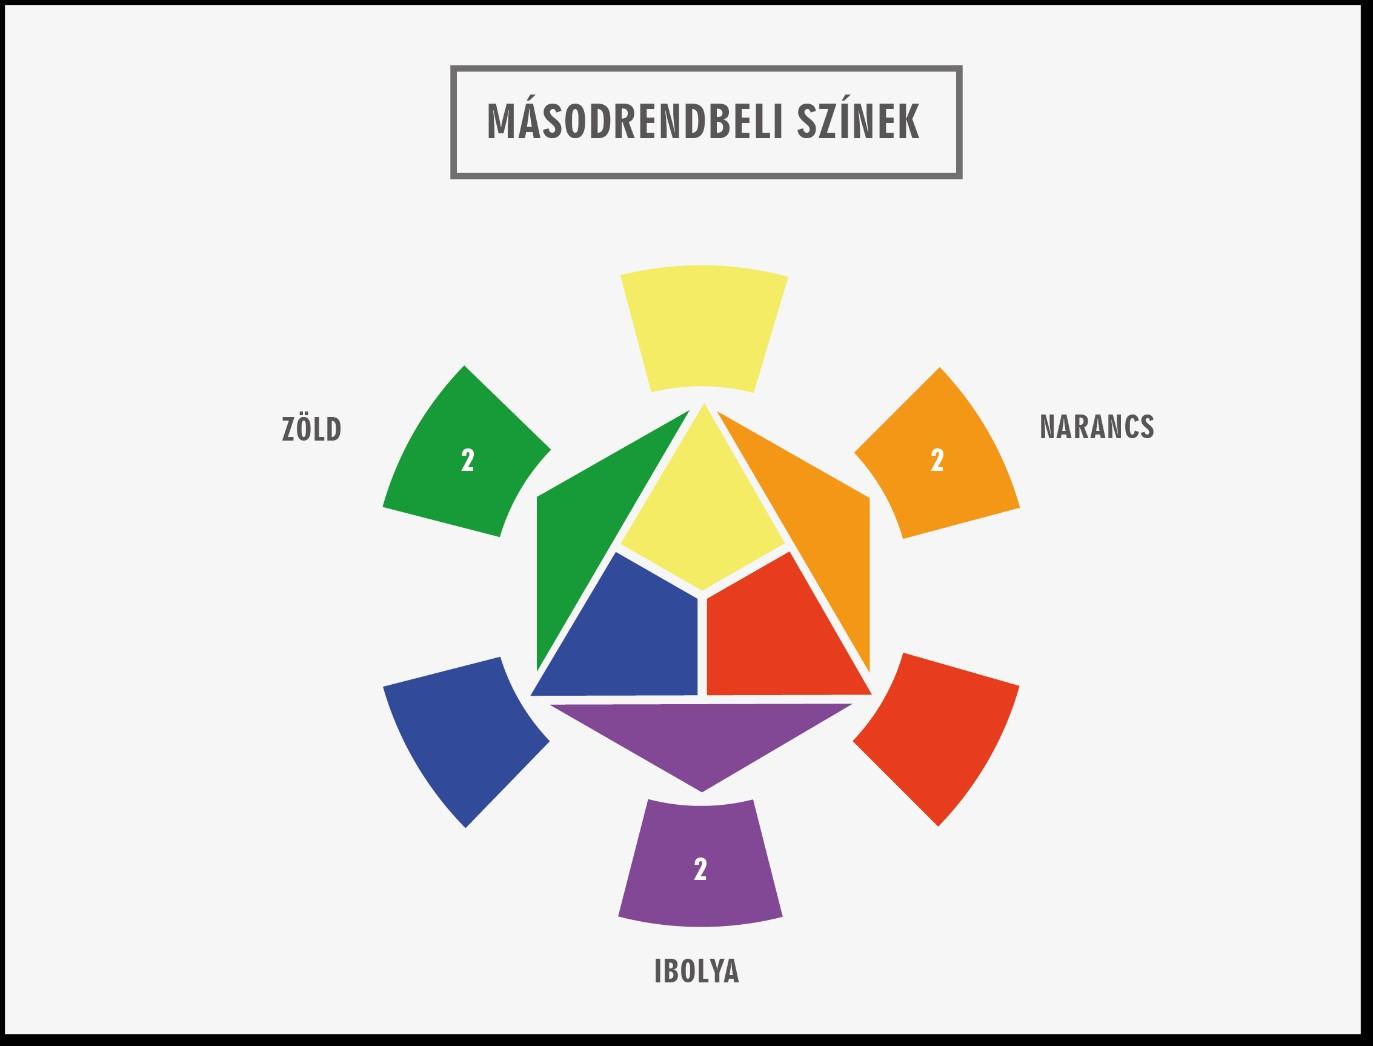 Másodrendbeli színek